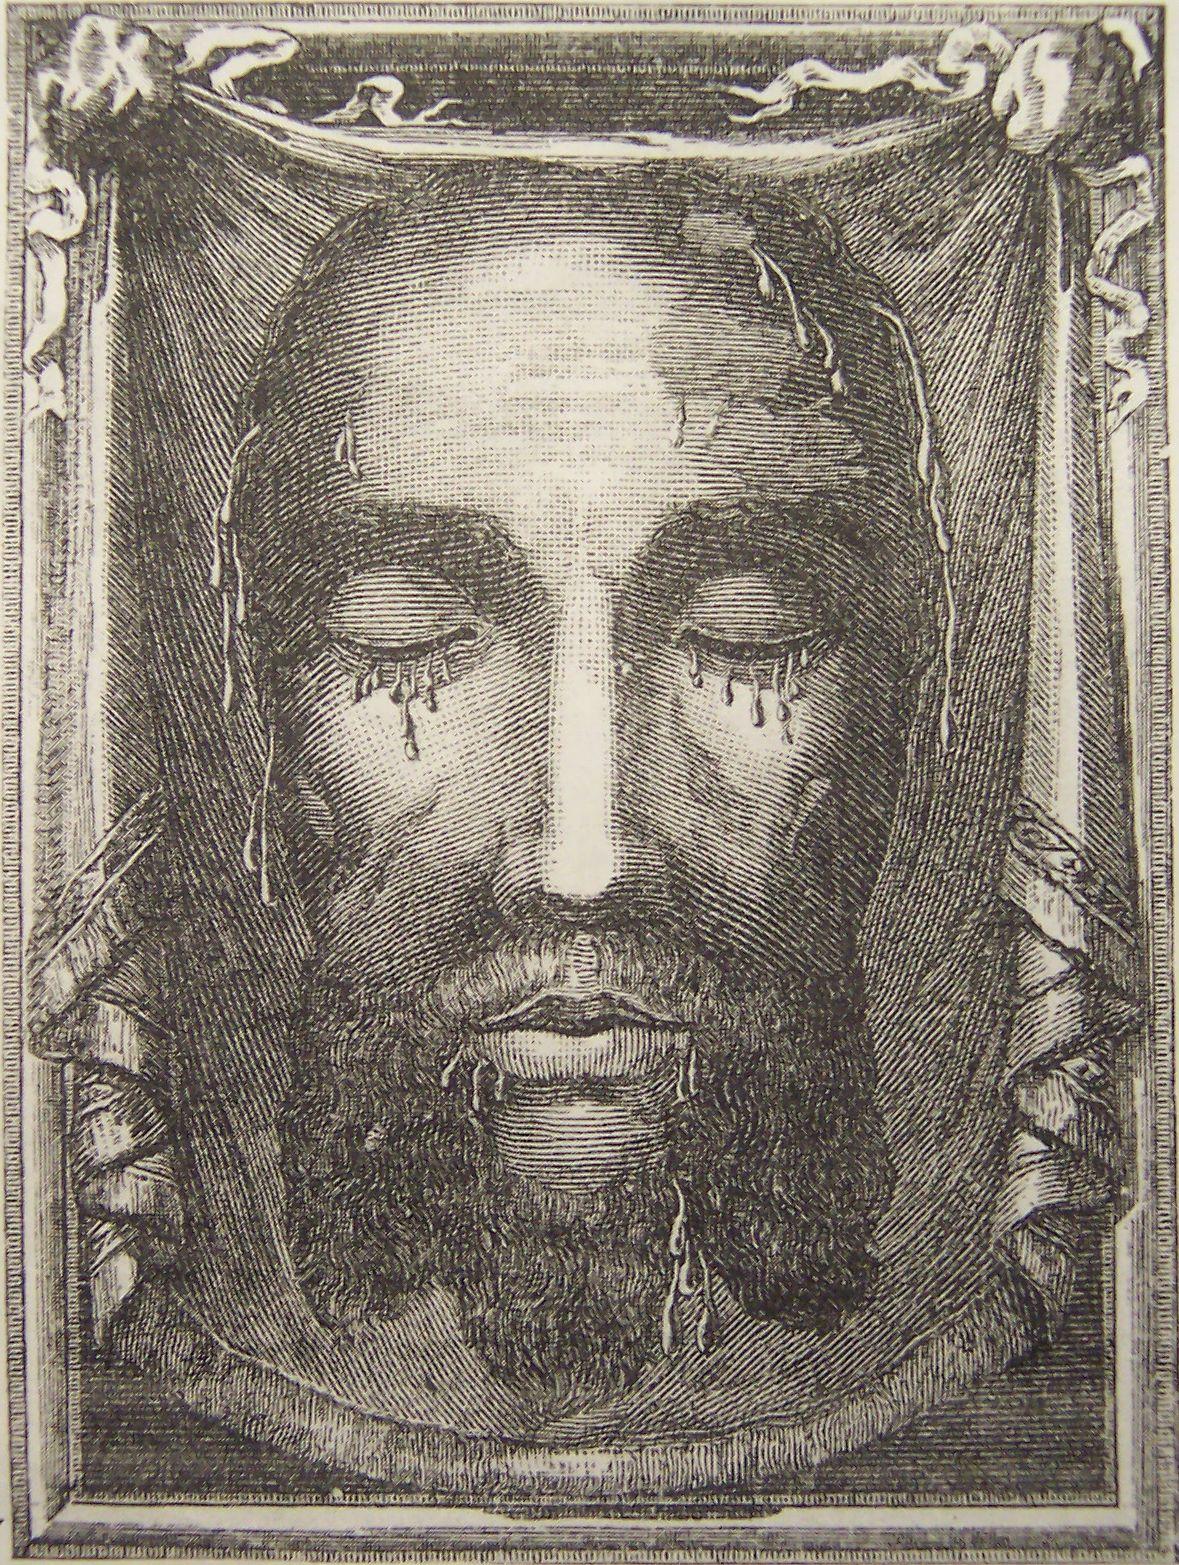 Prayer Holy Face of Jesus